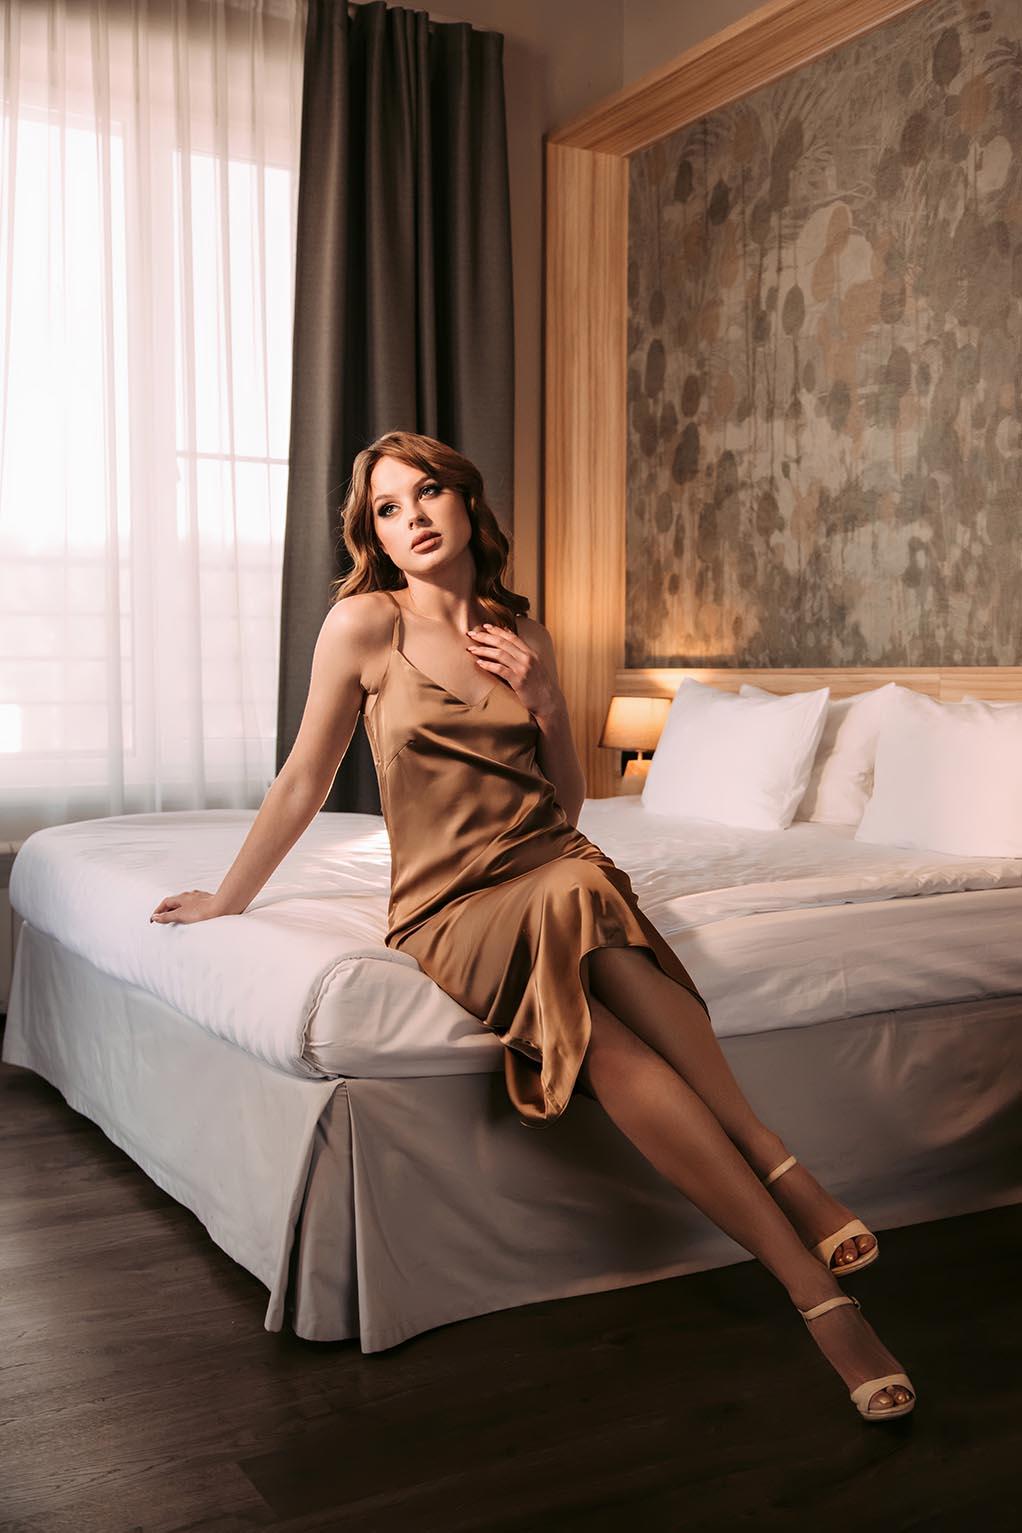 фото девушки в отеле PLES на кровати